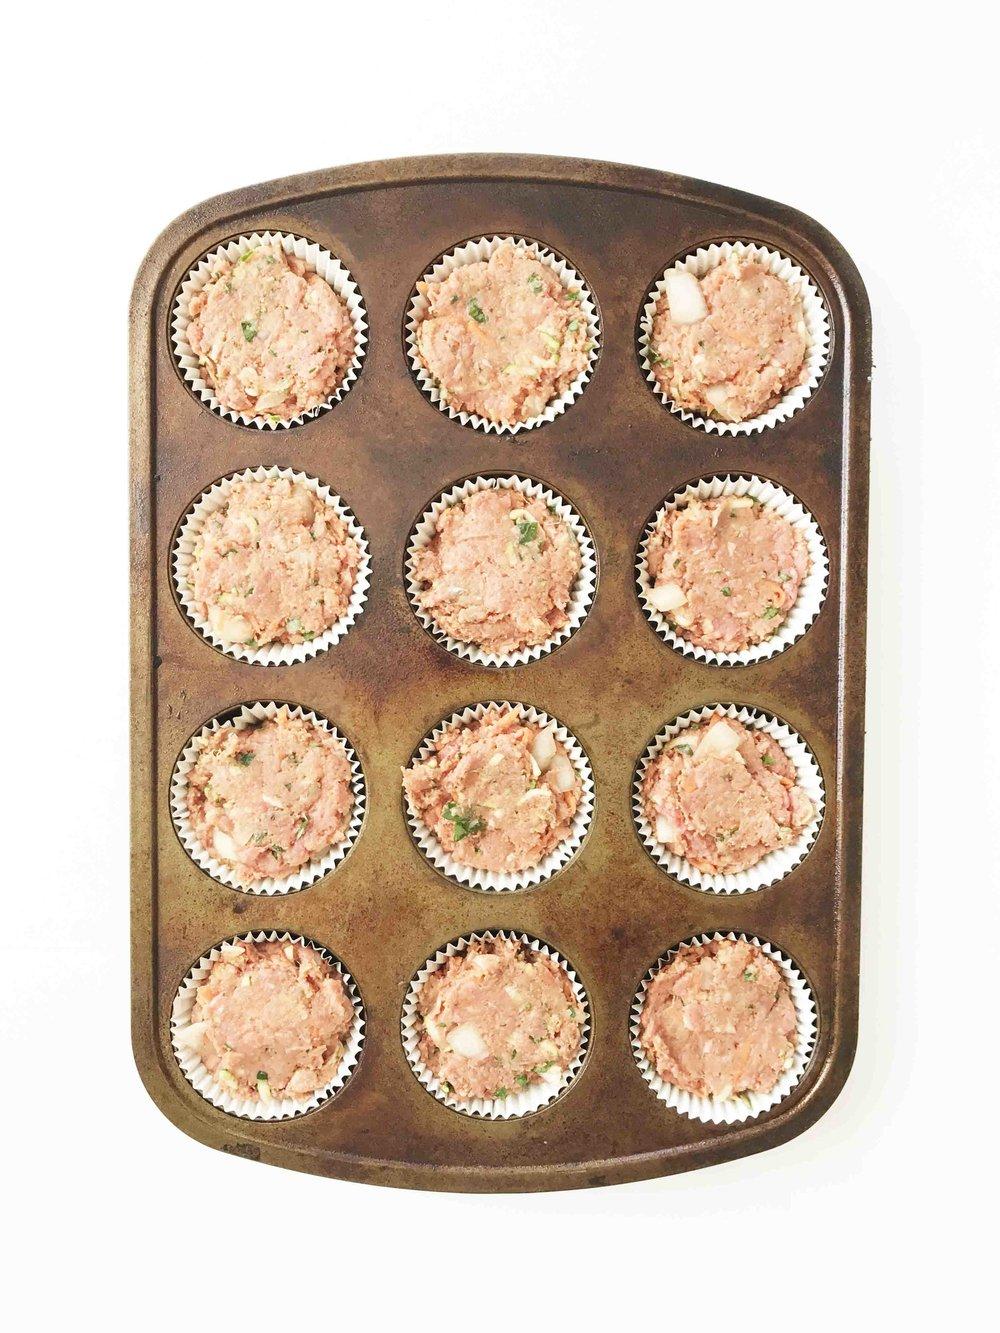 meatloaf-cupcakes6.jpg